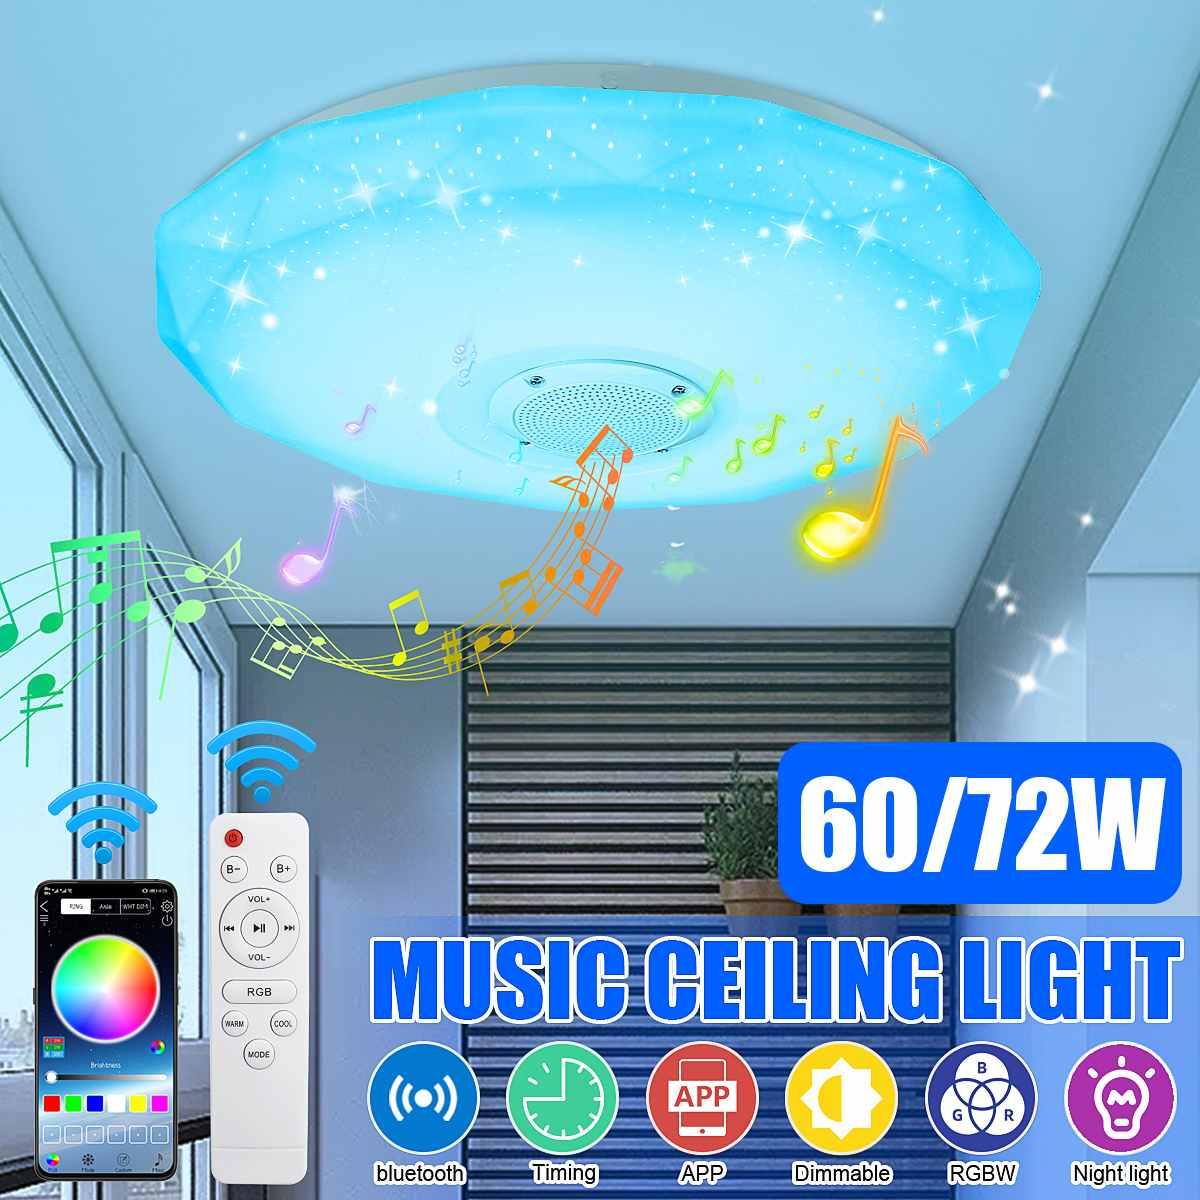 مصباح سقف RGB LED مع جهاز تحكم عن بعد ، مصباح سقف ذكي حديث مع موسيقى وبلوتوث وتطبيق للتحكم عن بعد ، مثالي لغرفة النوم ، 60/72W